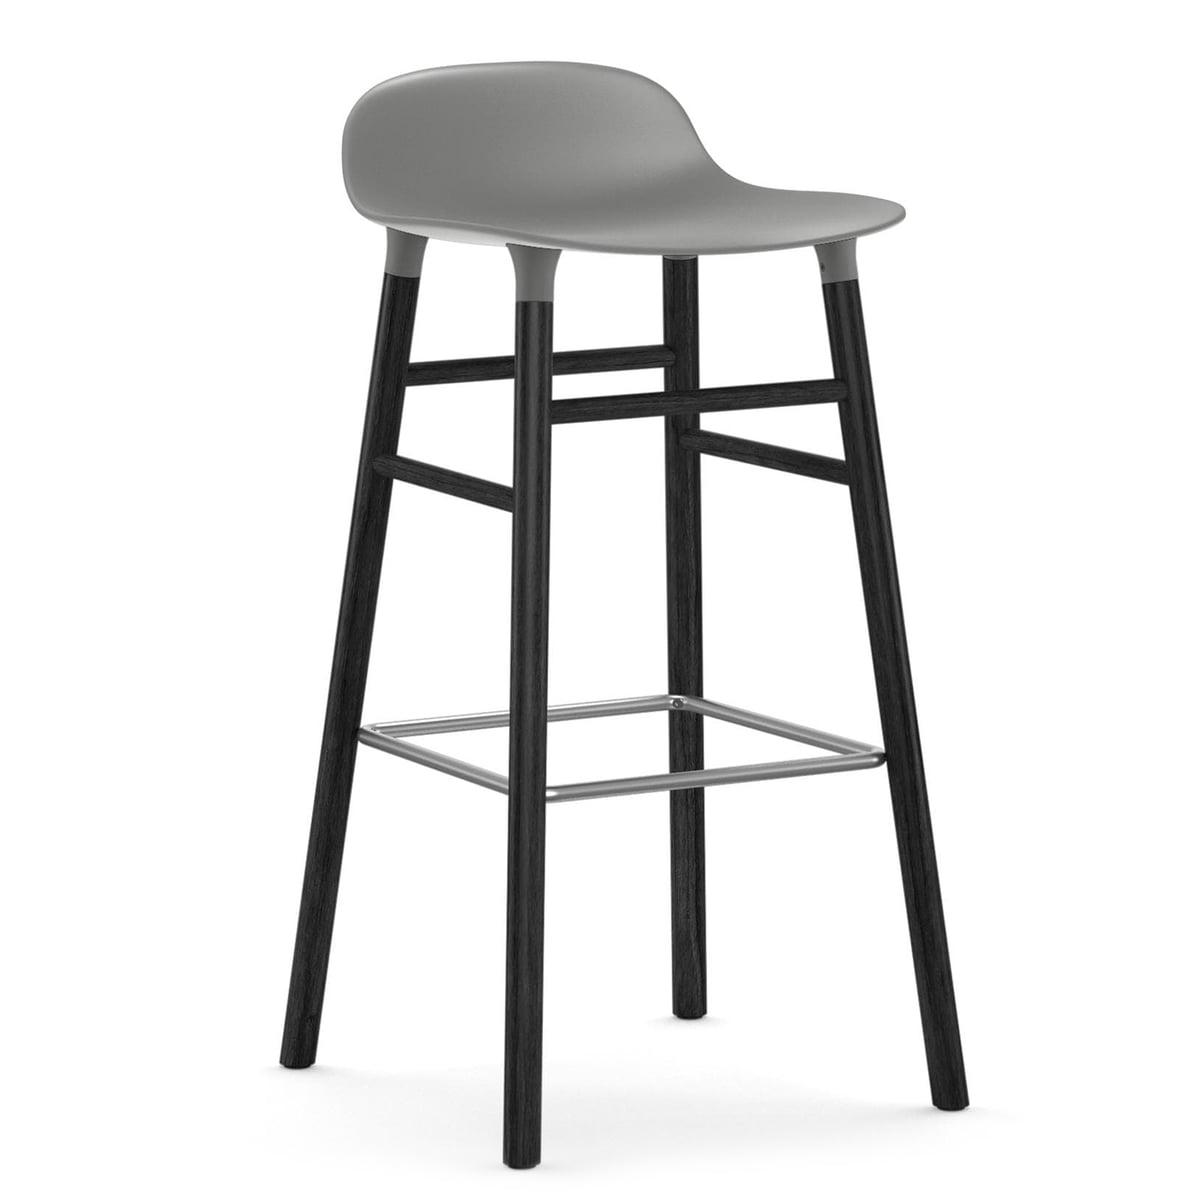 Normann Copenhagen - Form Tabouret de bar 75 cm, piètement chêne noir / gris